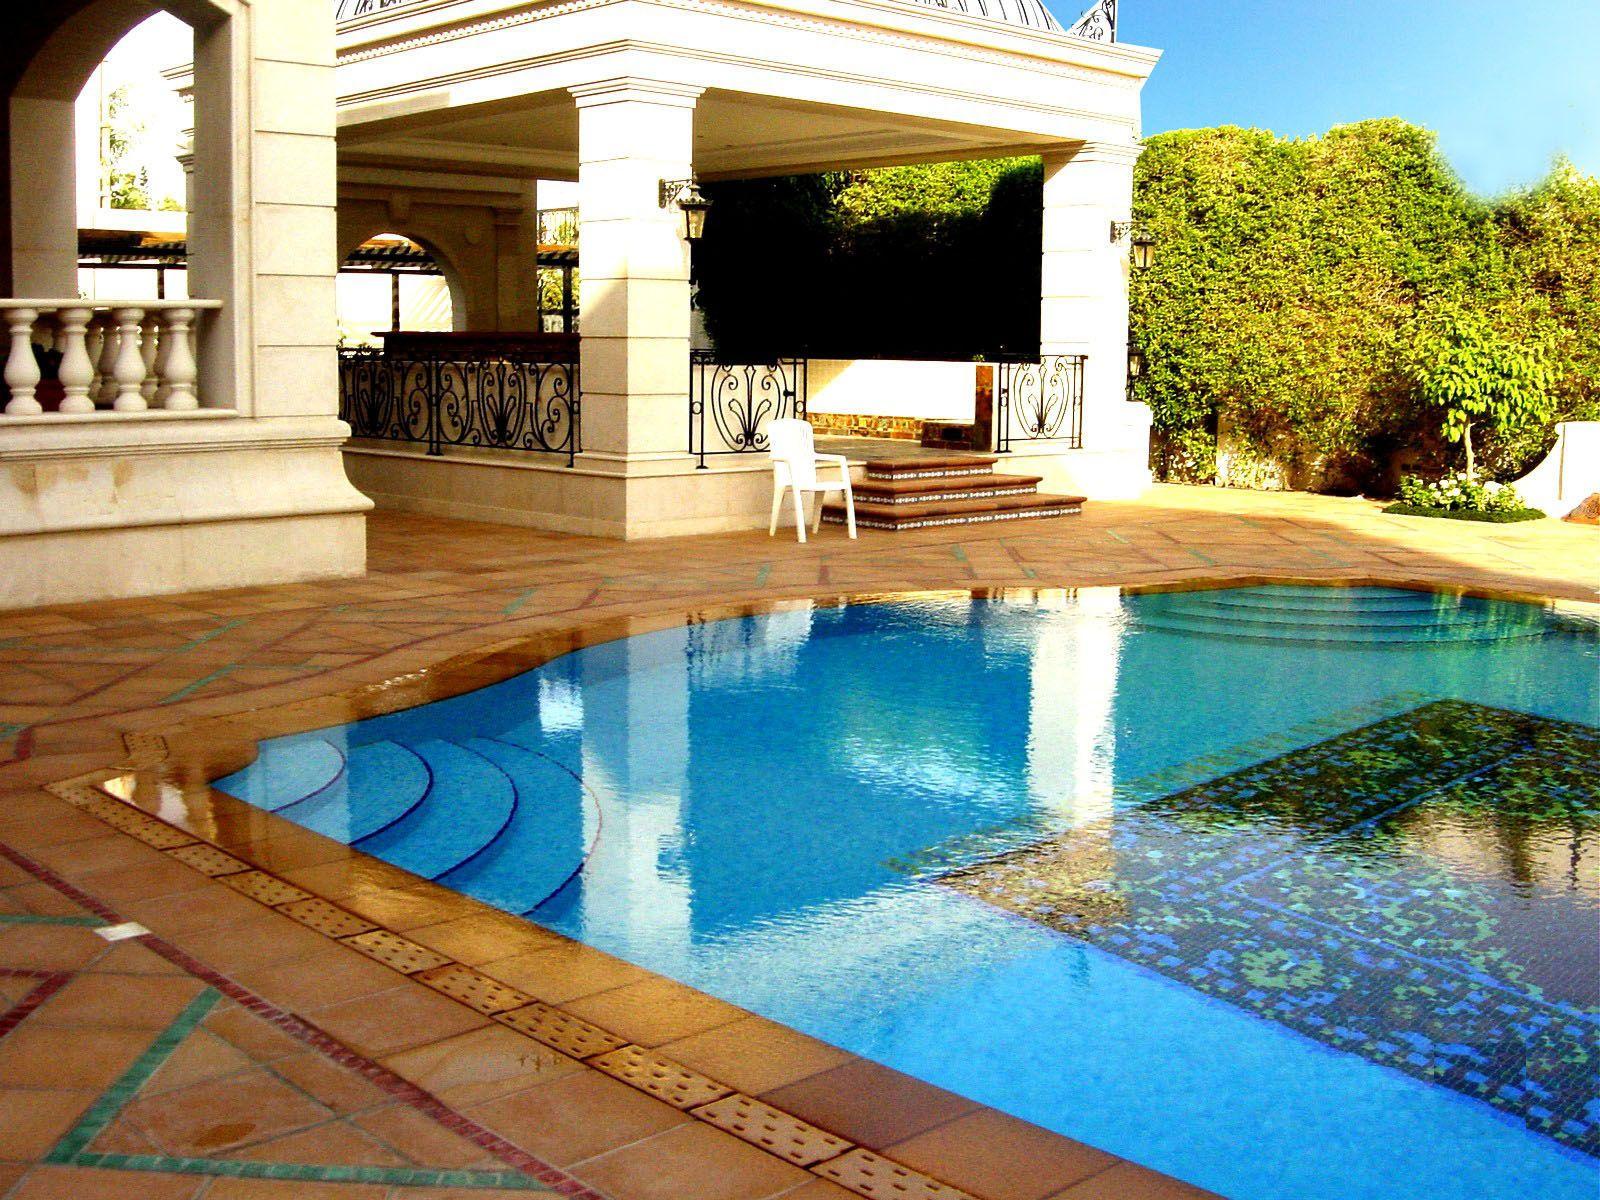 Cer mica para piscinas este material adem s de la protecci n que le dar a la piscina lo - Material para piscinas ...